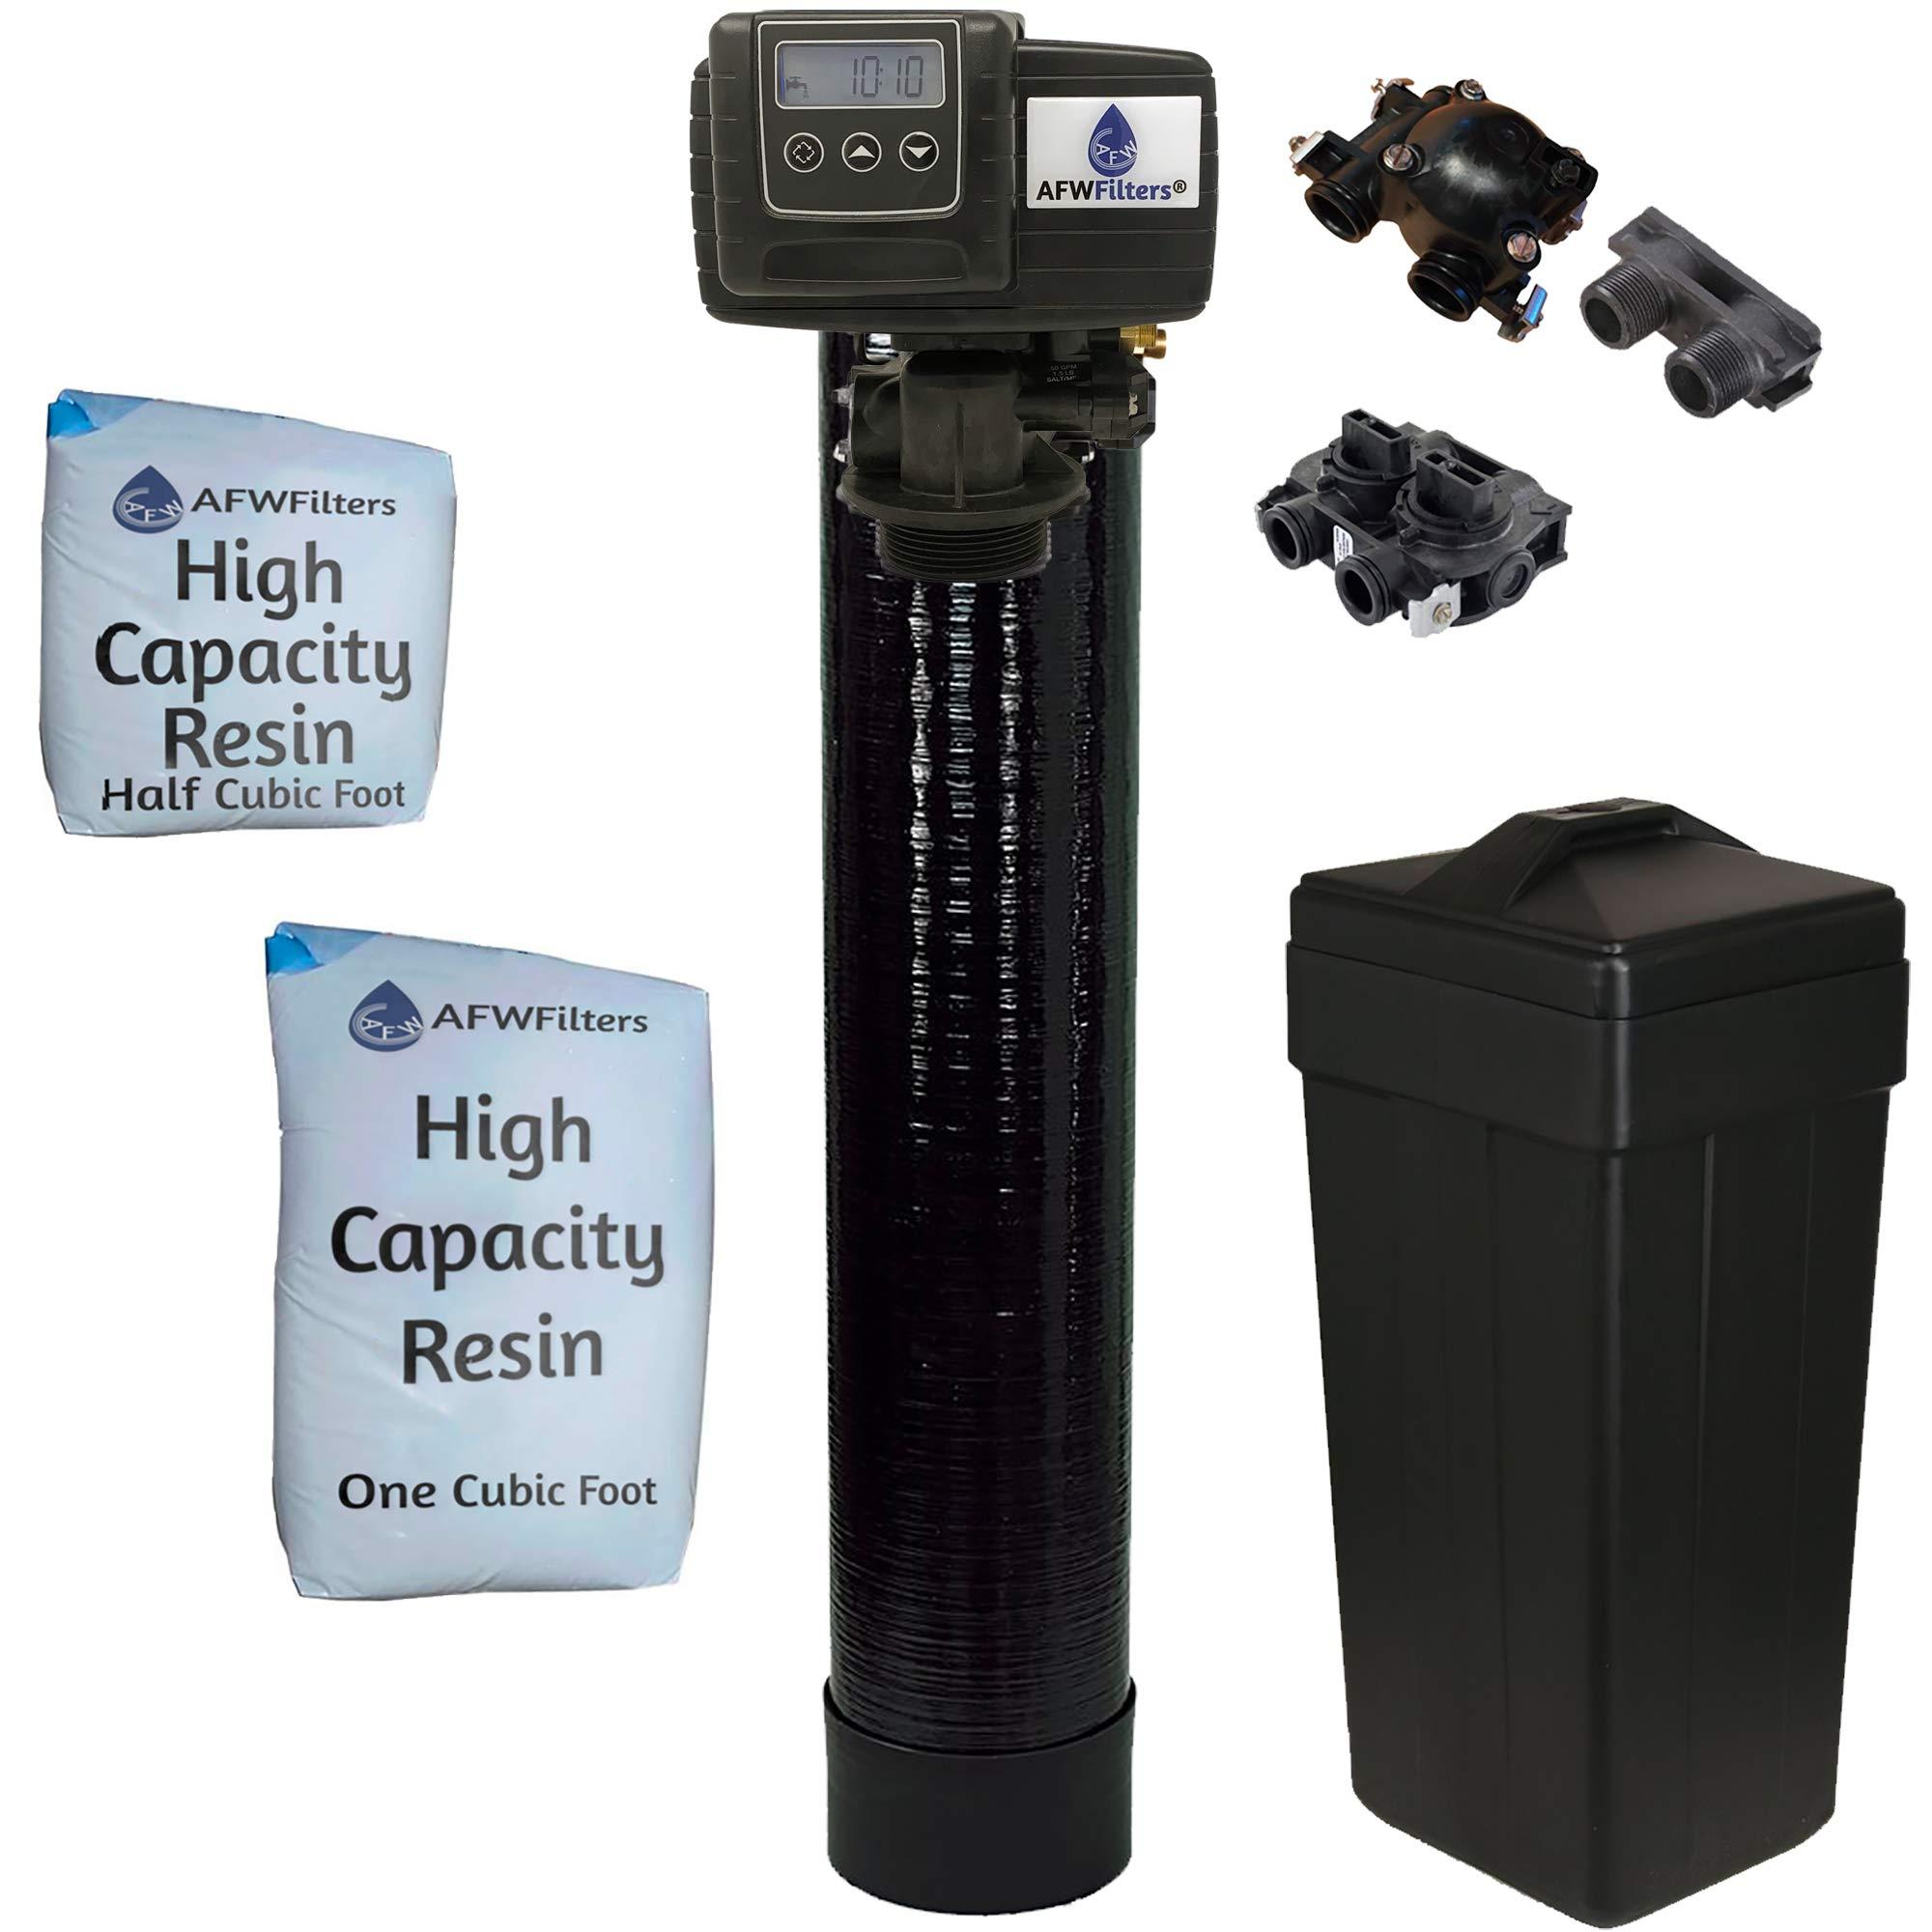 Flotrol F20 Metered On Demand Water Softener Control Valve Buy